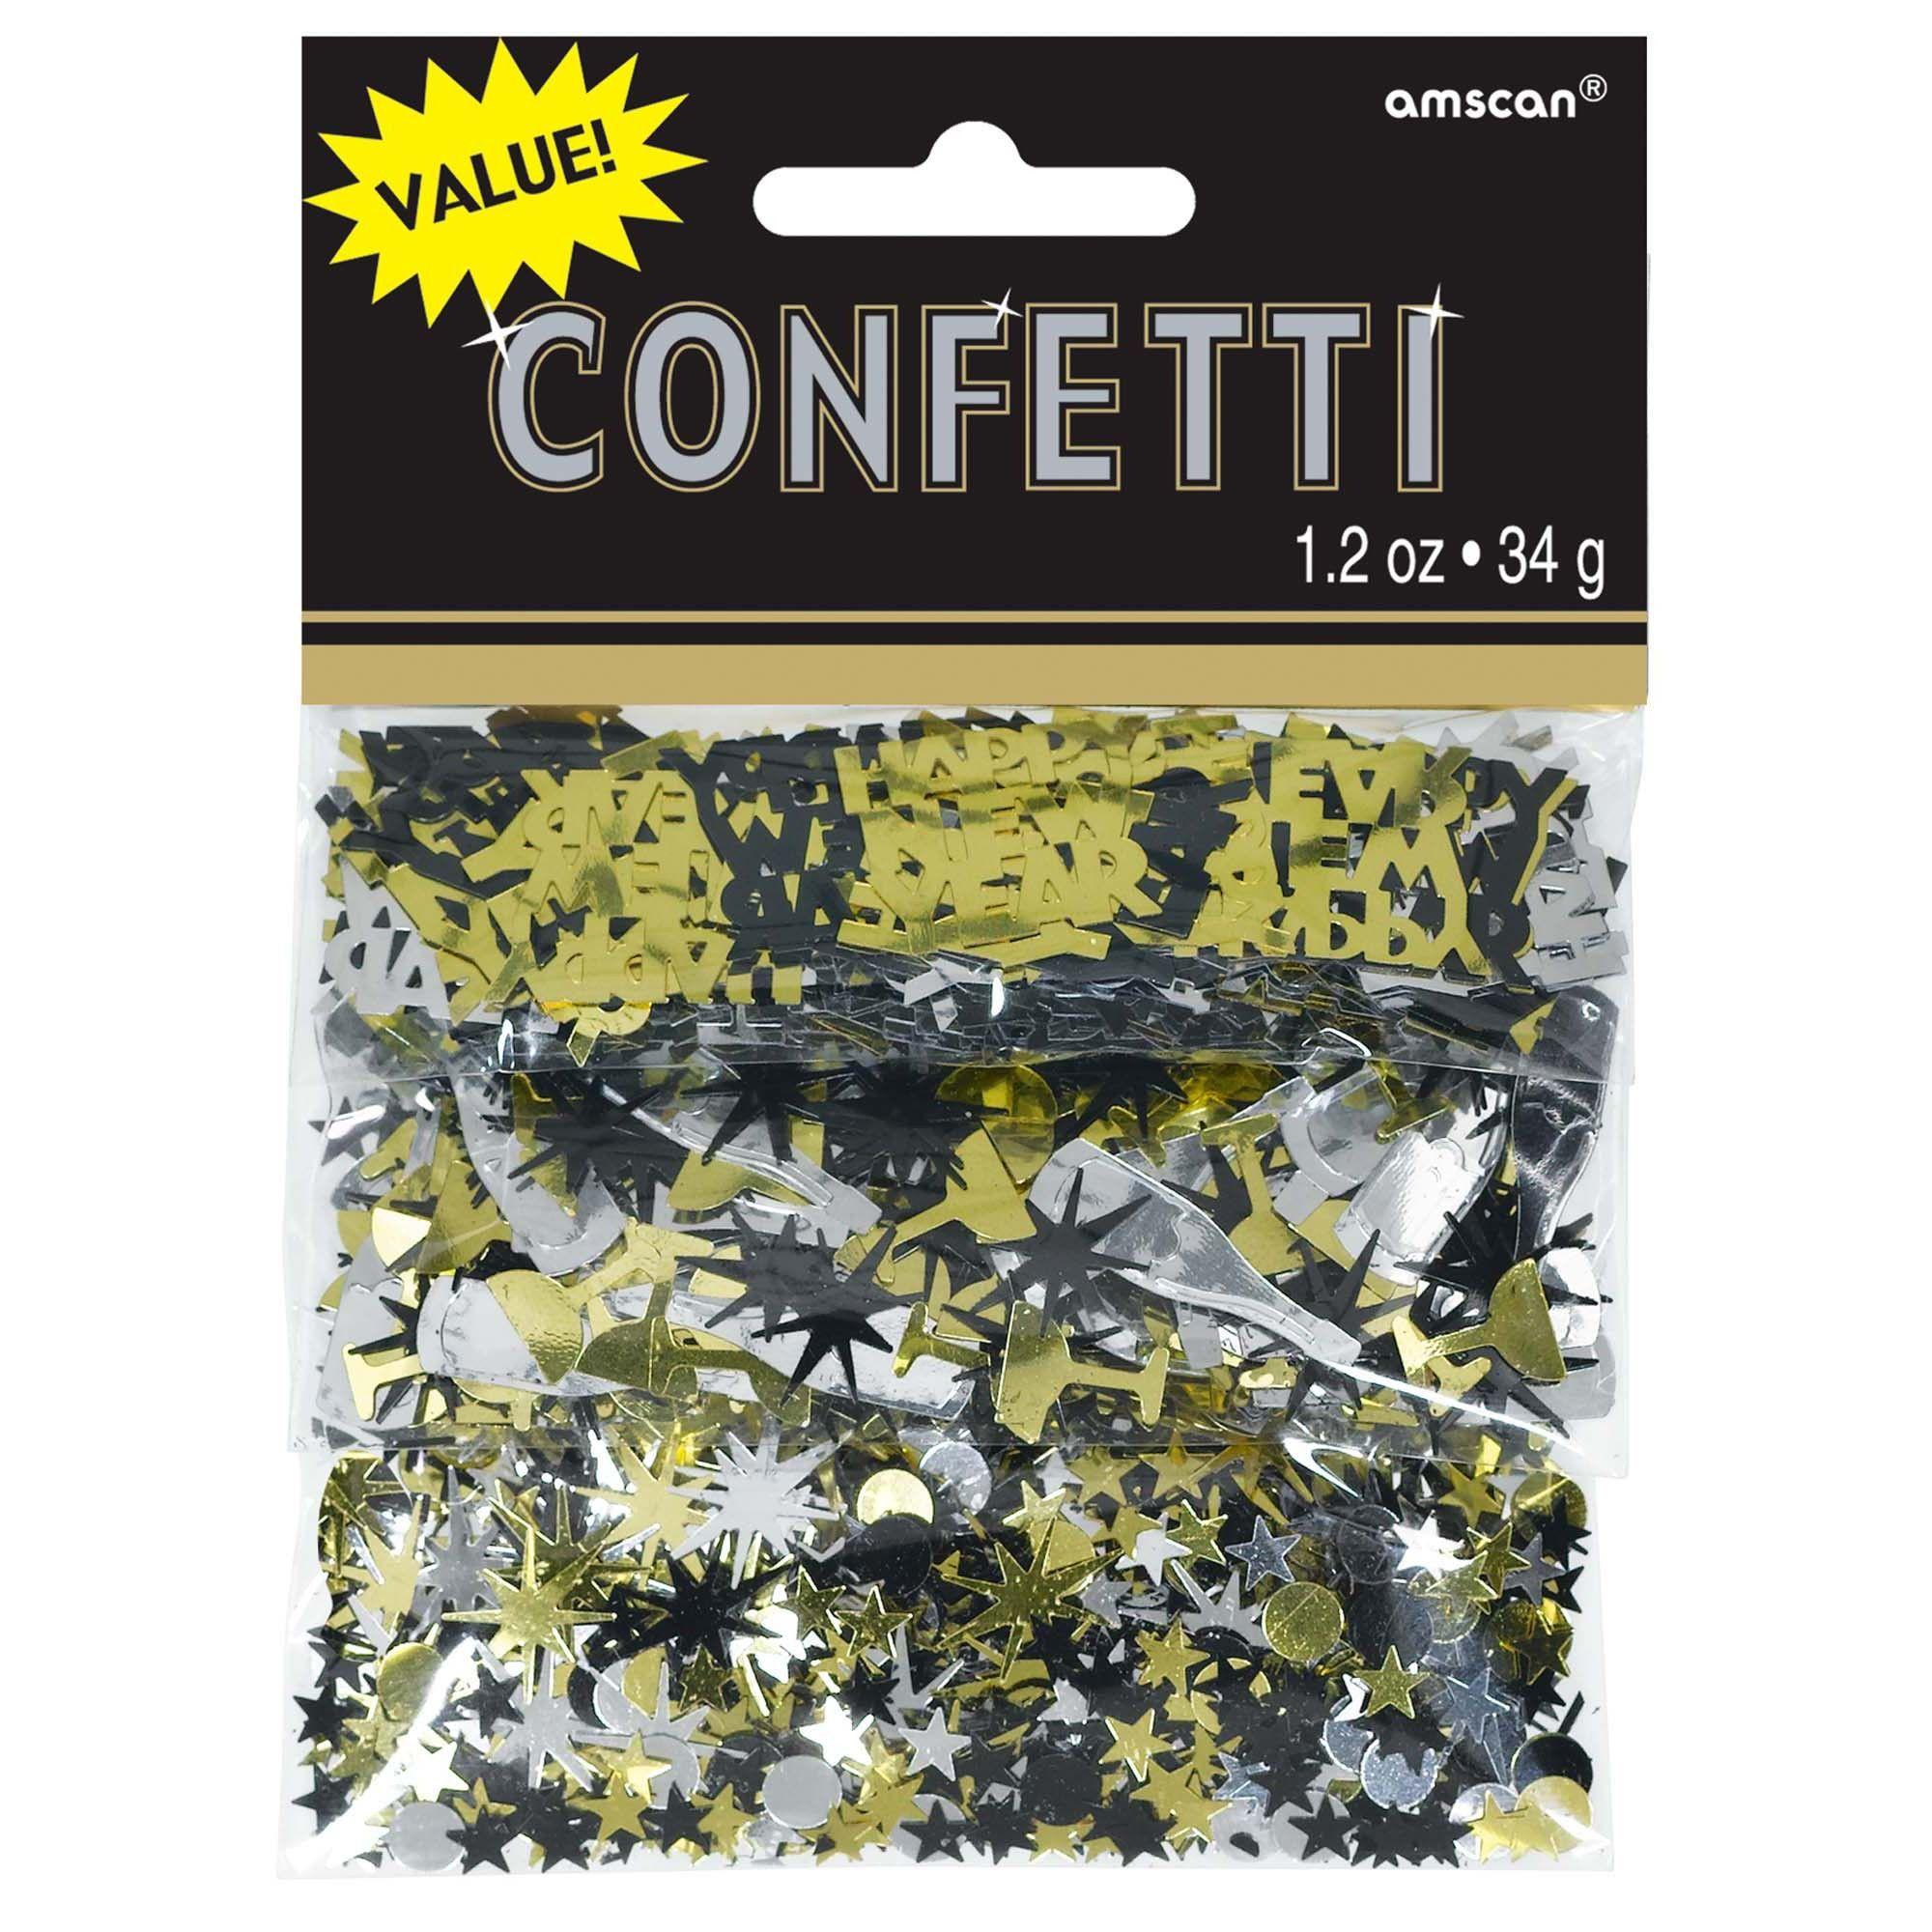 Confetti Value Silv/Blck/Gold/